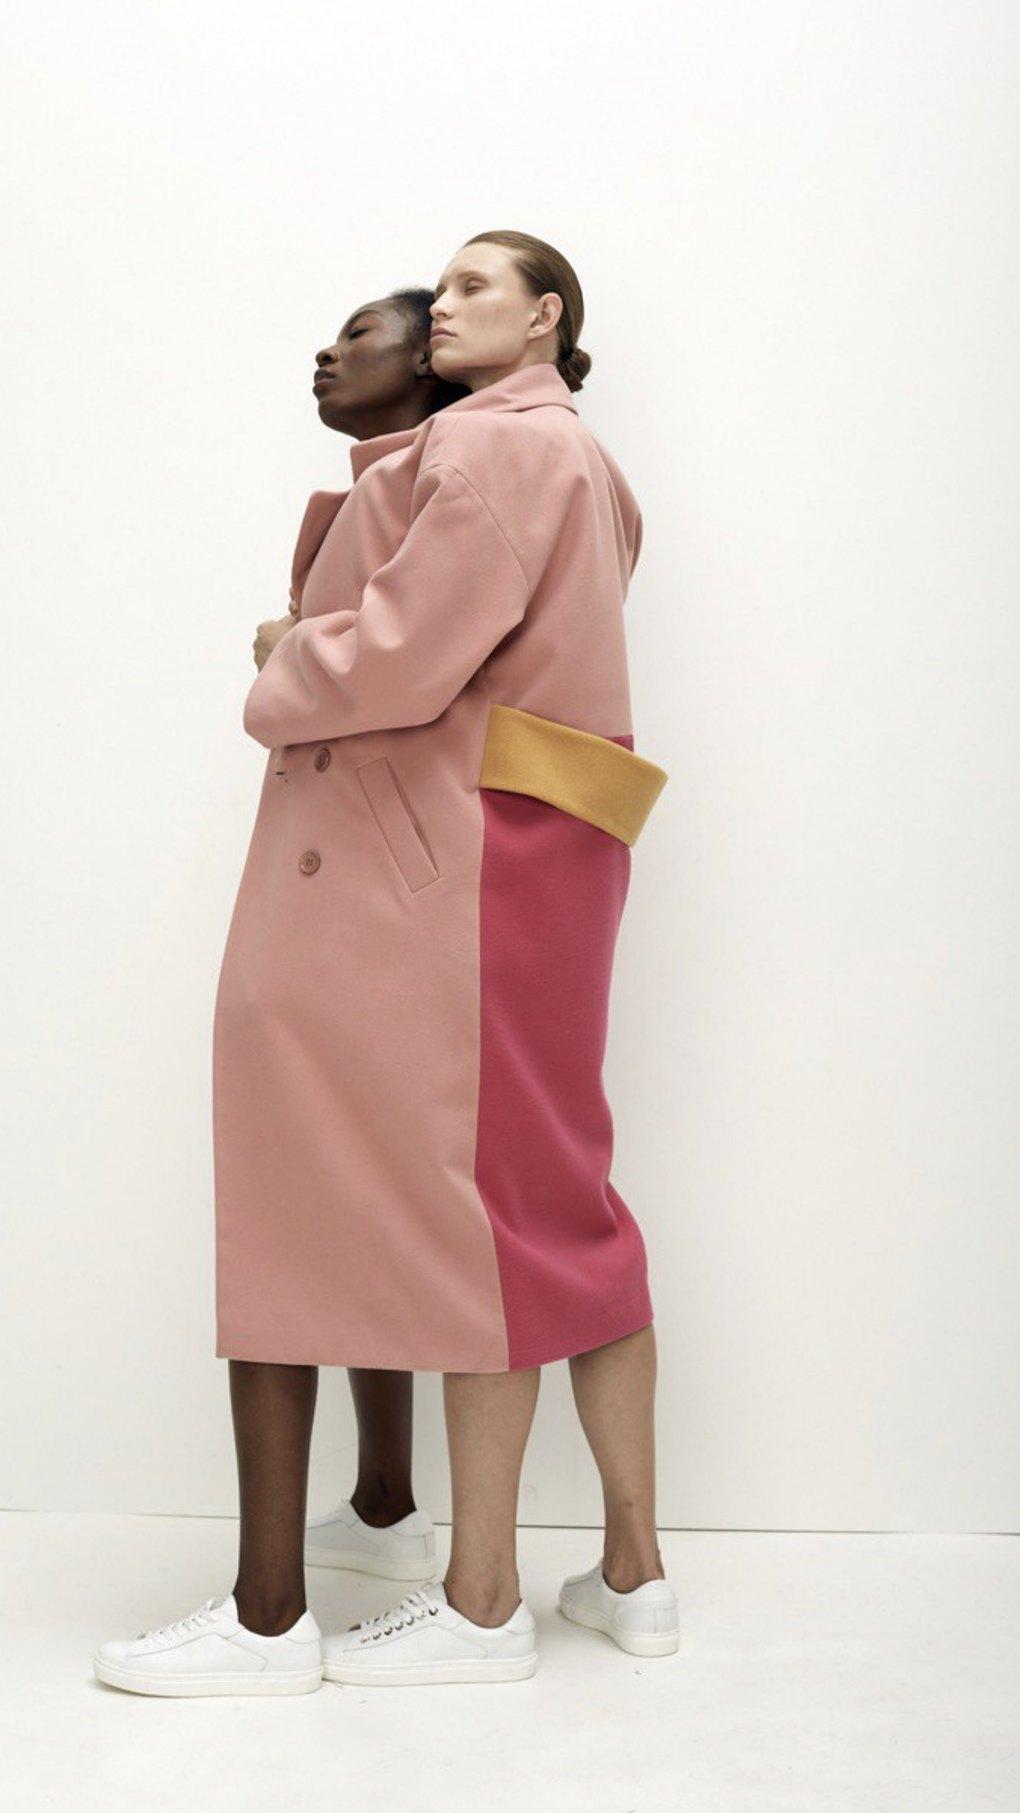 Лаконічні пальта і костюми  український жіночий бренд Toté — The ... bba4f4b0caf91